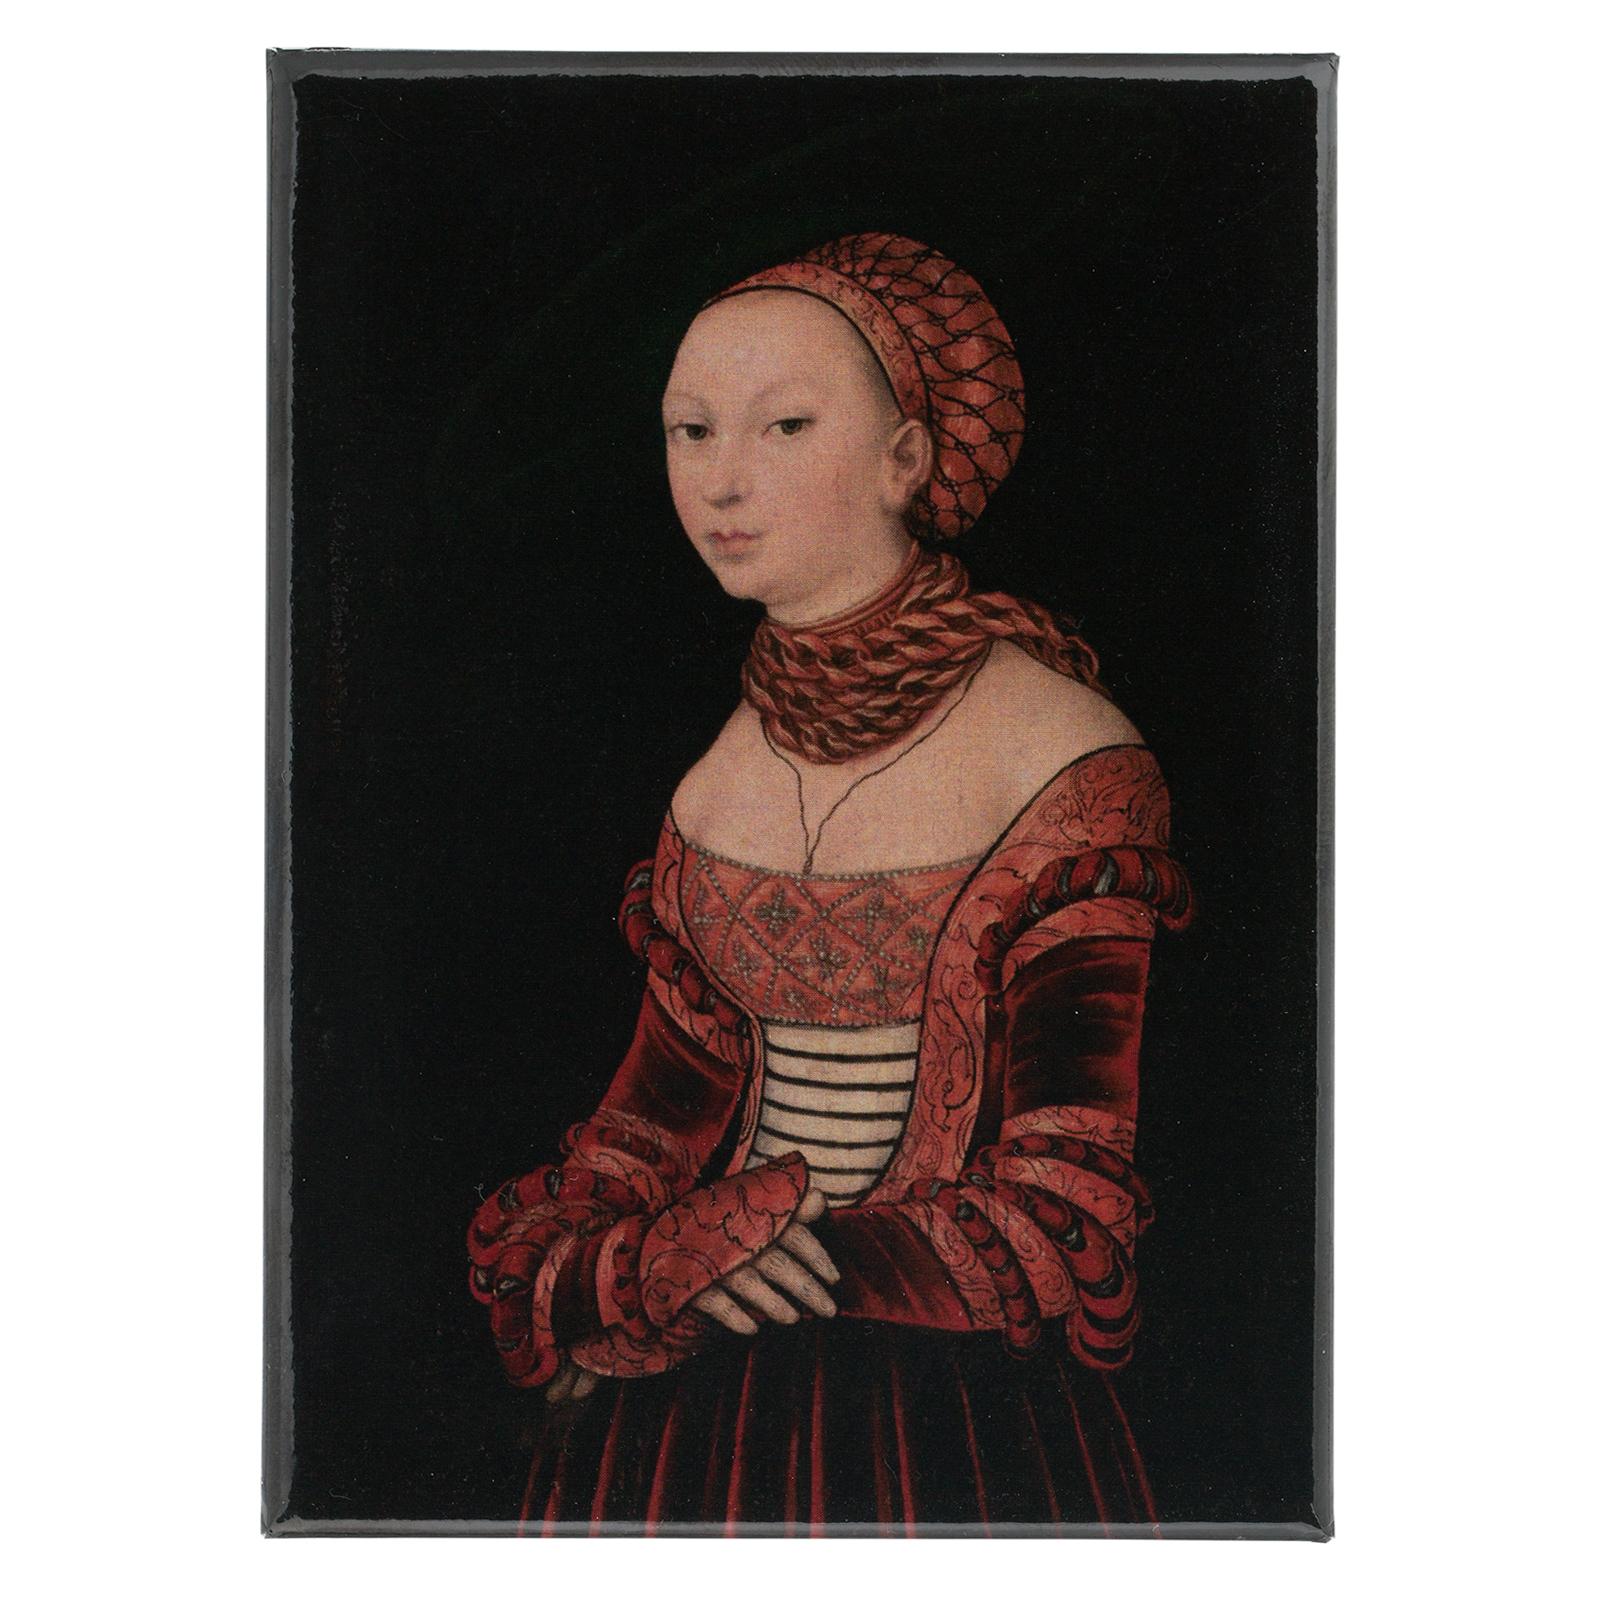 Nuoren Naisen Muotokuva